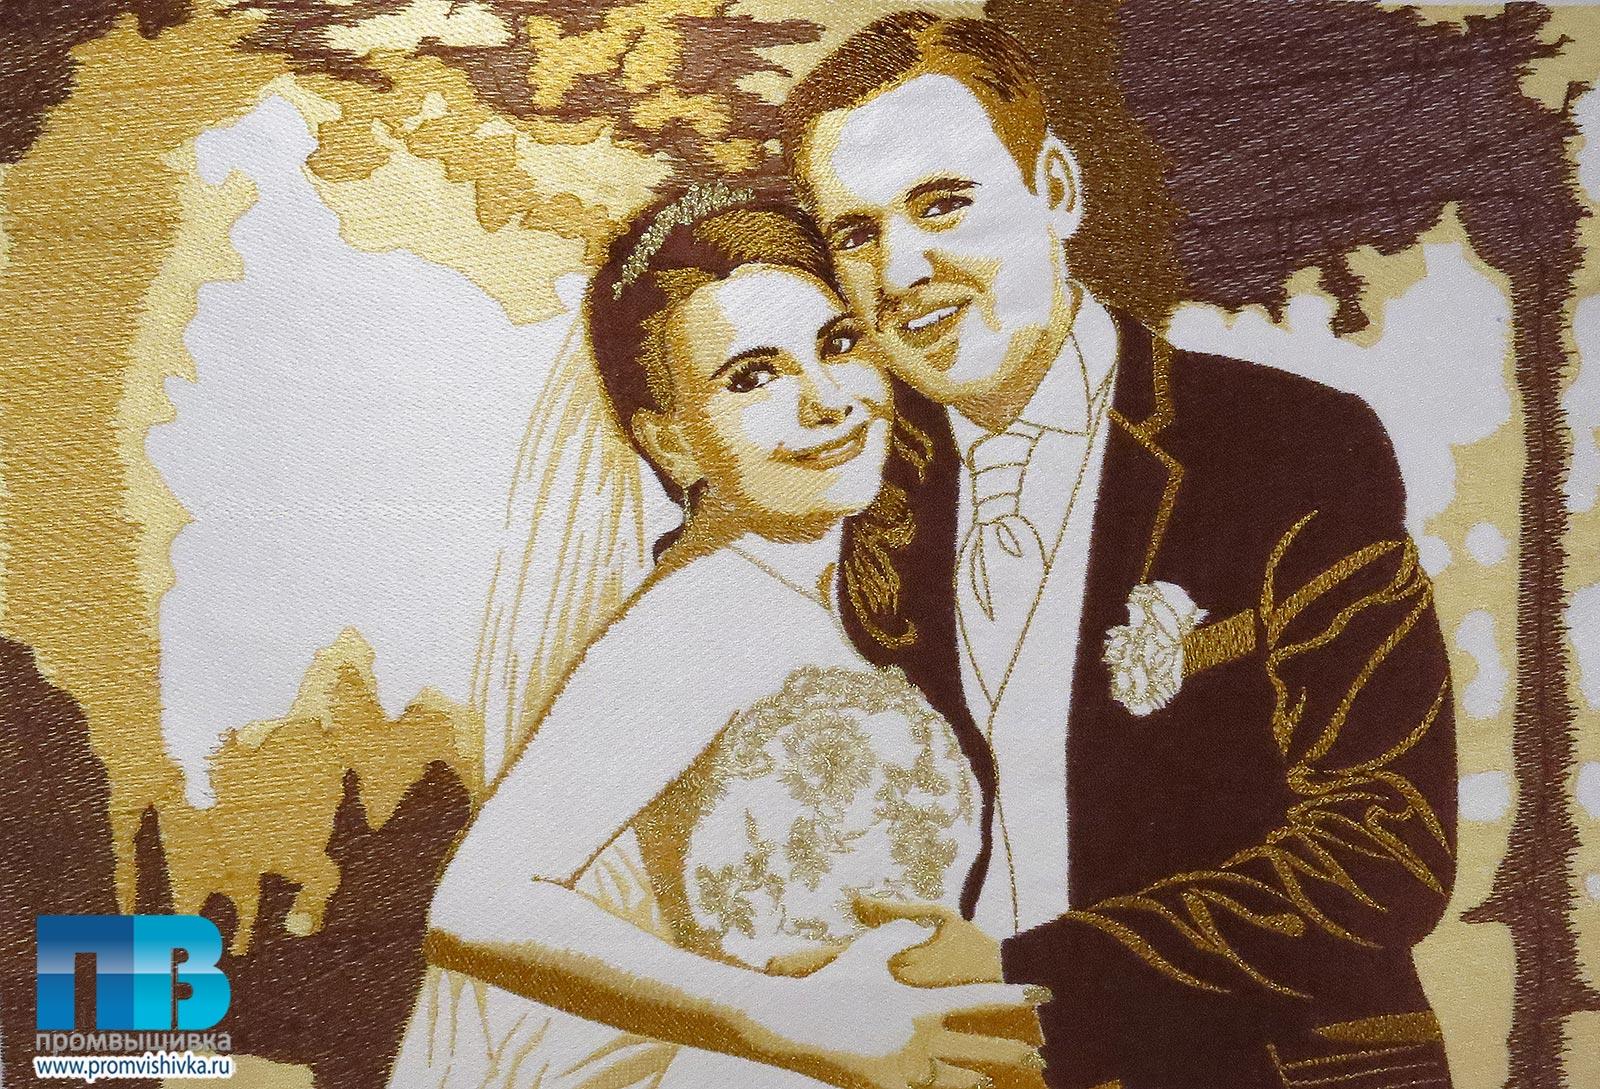 Вышить фото на годовщину свадьбы